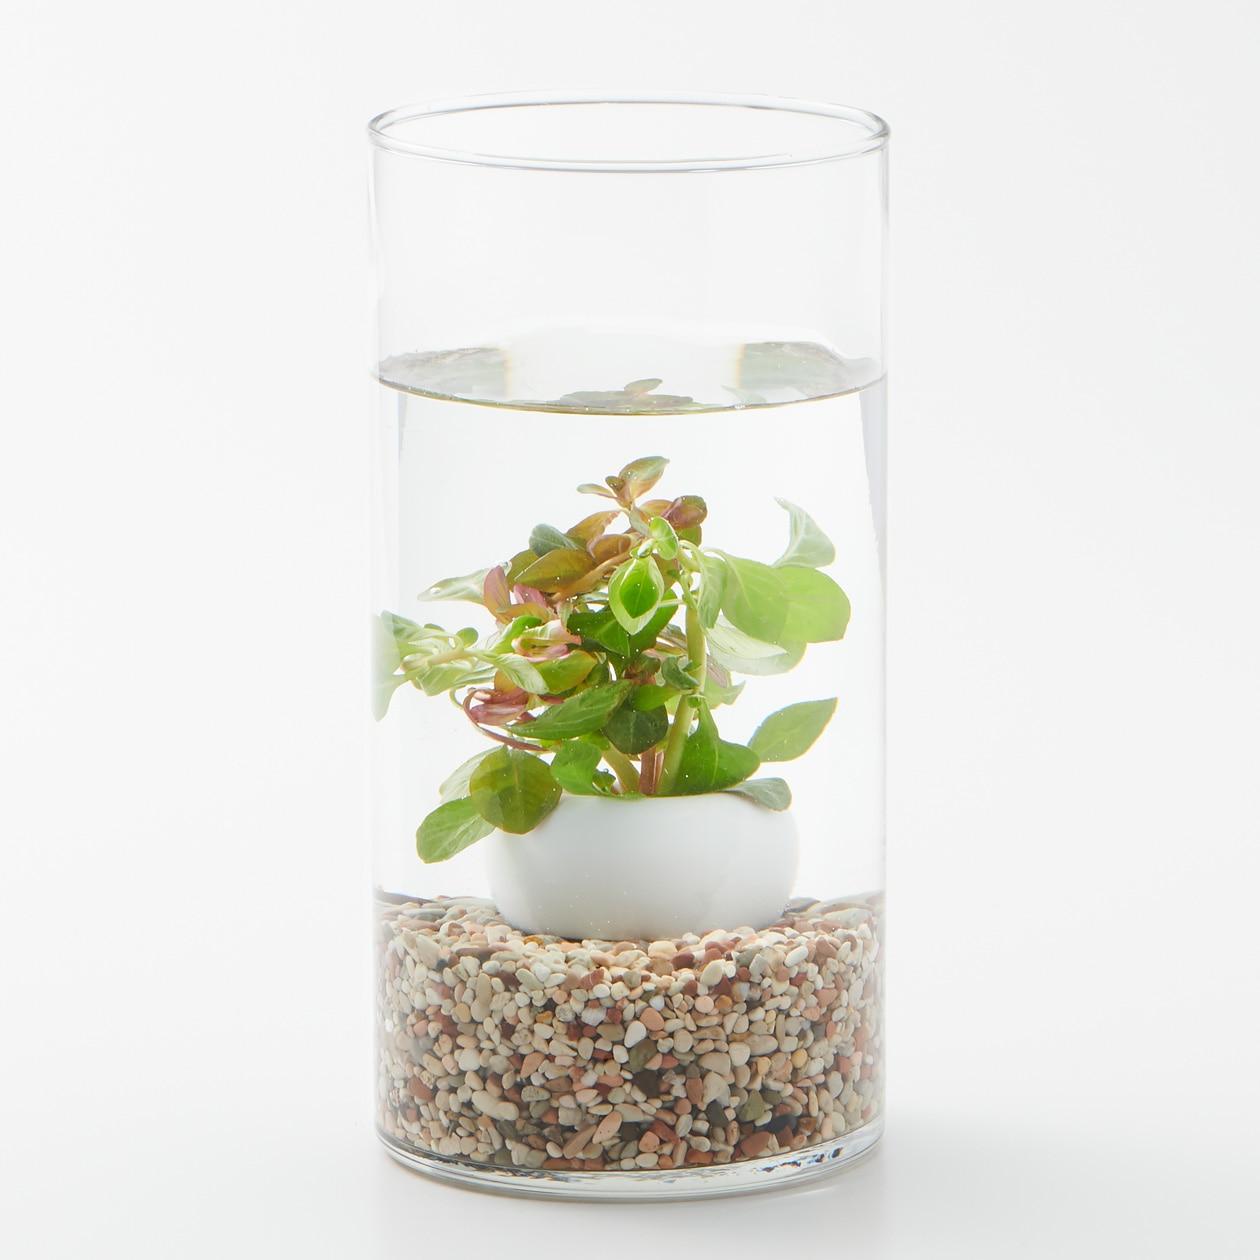 【ネット限定】水中の植物とガラスベースセット ルドウィジアミックス